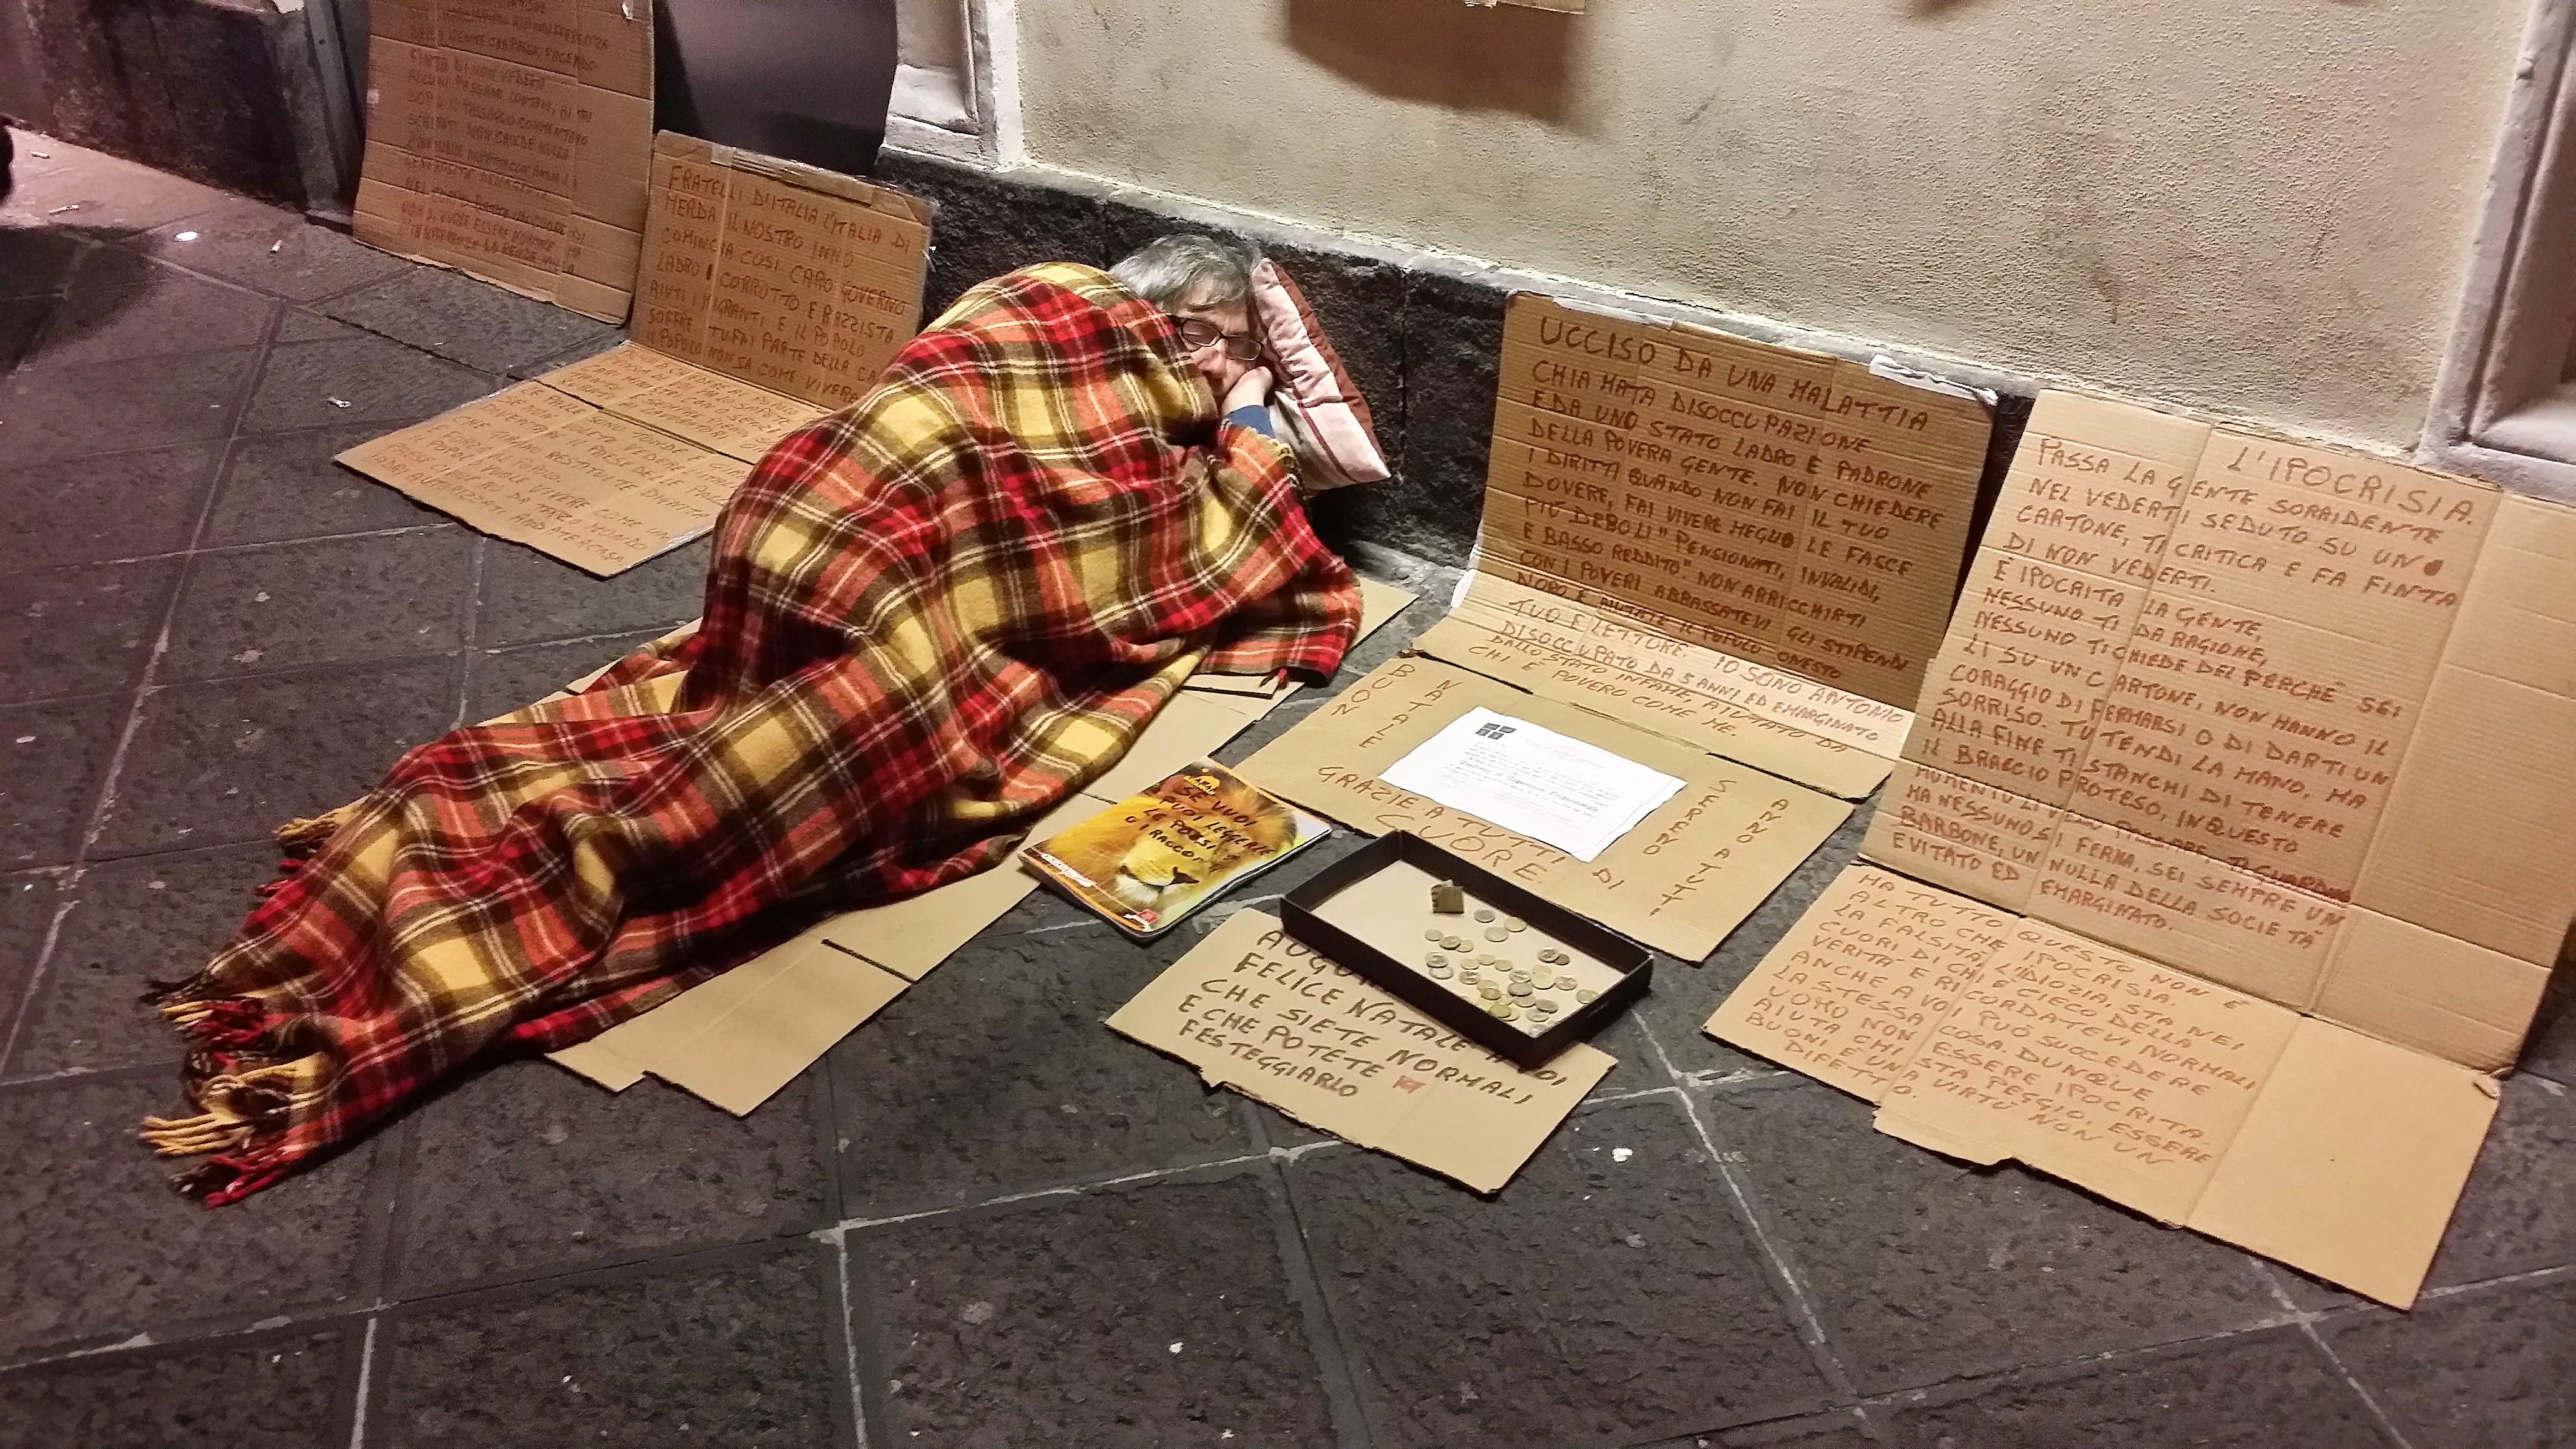 Antonio e il dramma della disoccupazione. Infermiere siciliano dorme fra i passanti della via Etnea di Catania